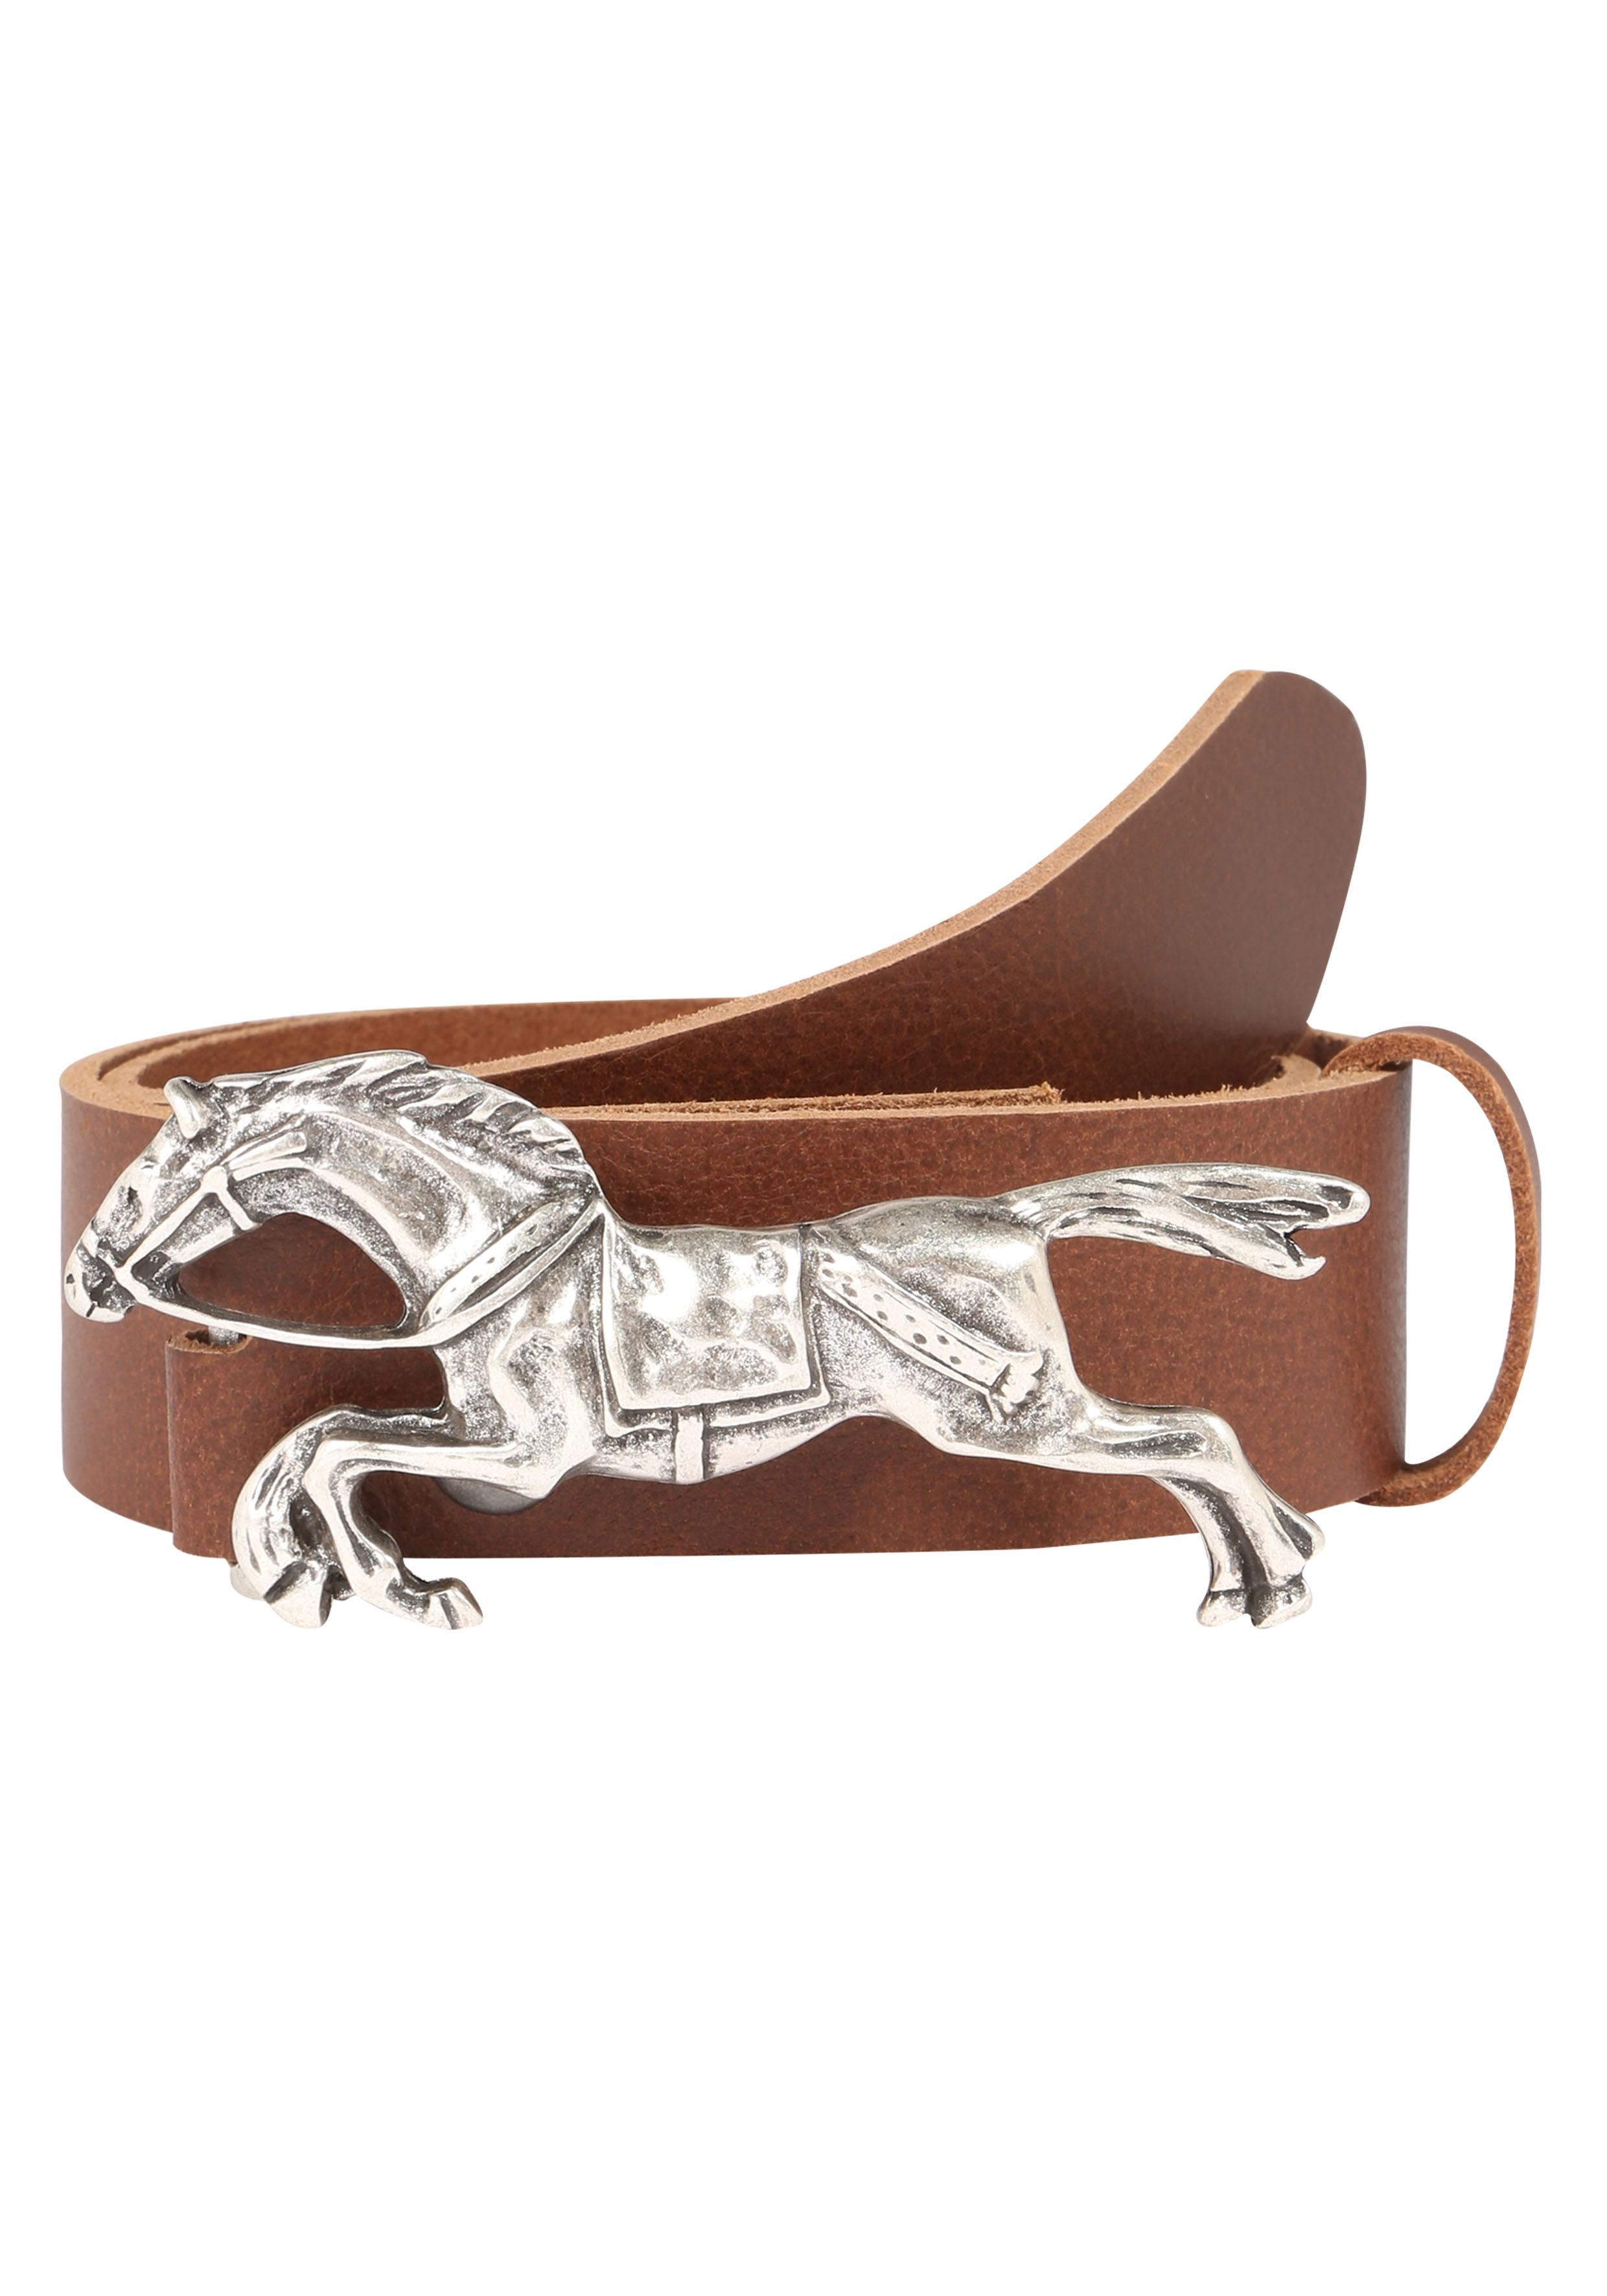 RETTUNGSRING by showroom 019° Ledergürtel, mit schöner Pferdemotivschnalle braun Damen Ledergürtel Gürtel Accessoires 4260643964756